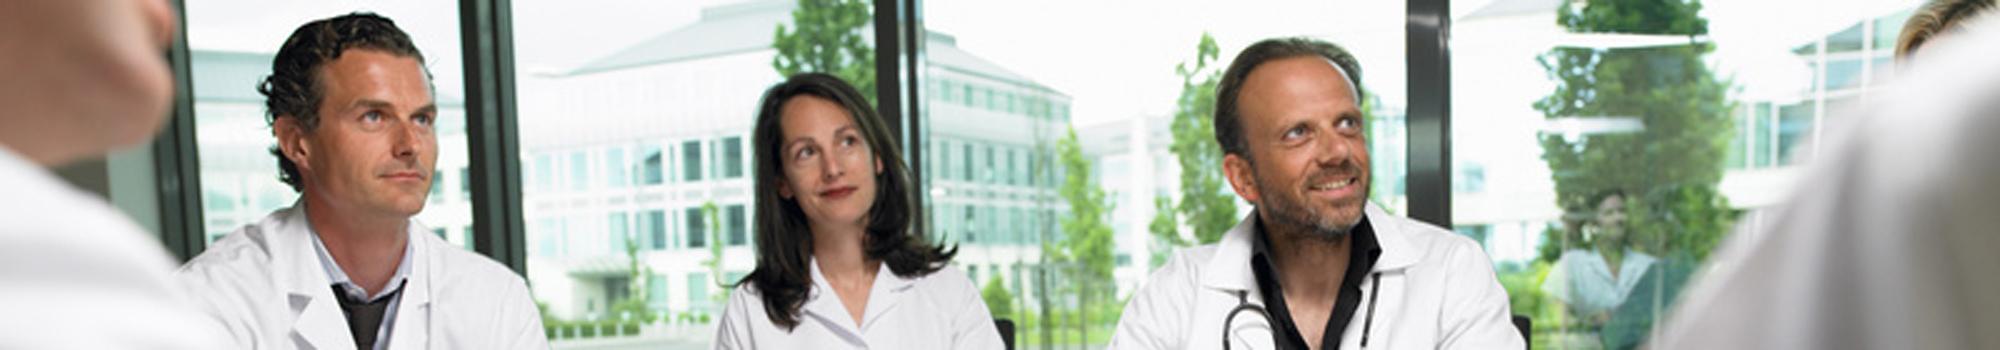 La Société québécoise d'hypertension artérielle est une société savante qui favorise la recherche dans le domaine de l'hypertension artérielle et les contacts entre les chercheurs cliniciens et fondamentaux québécois.